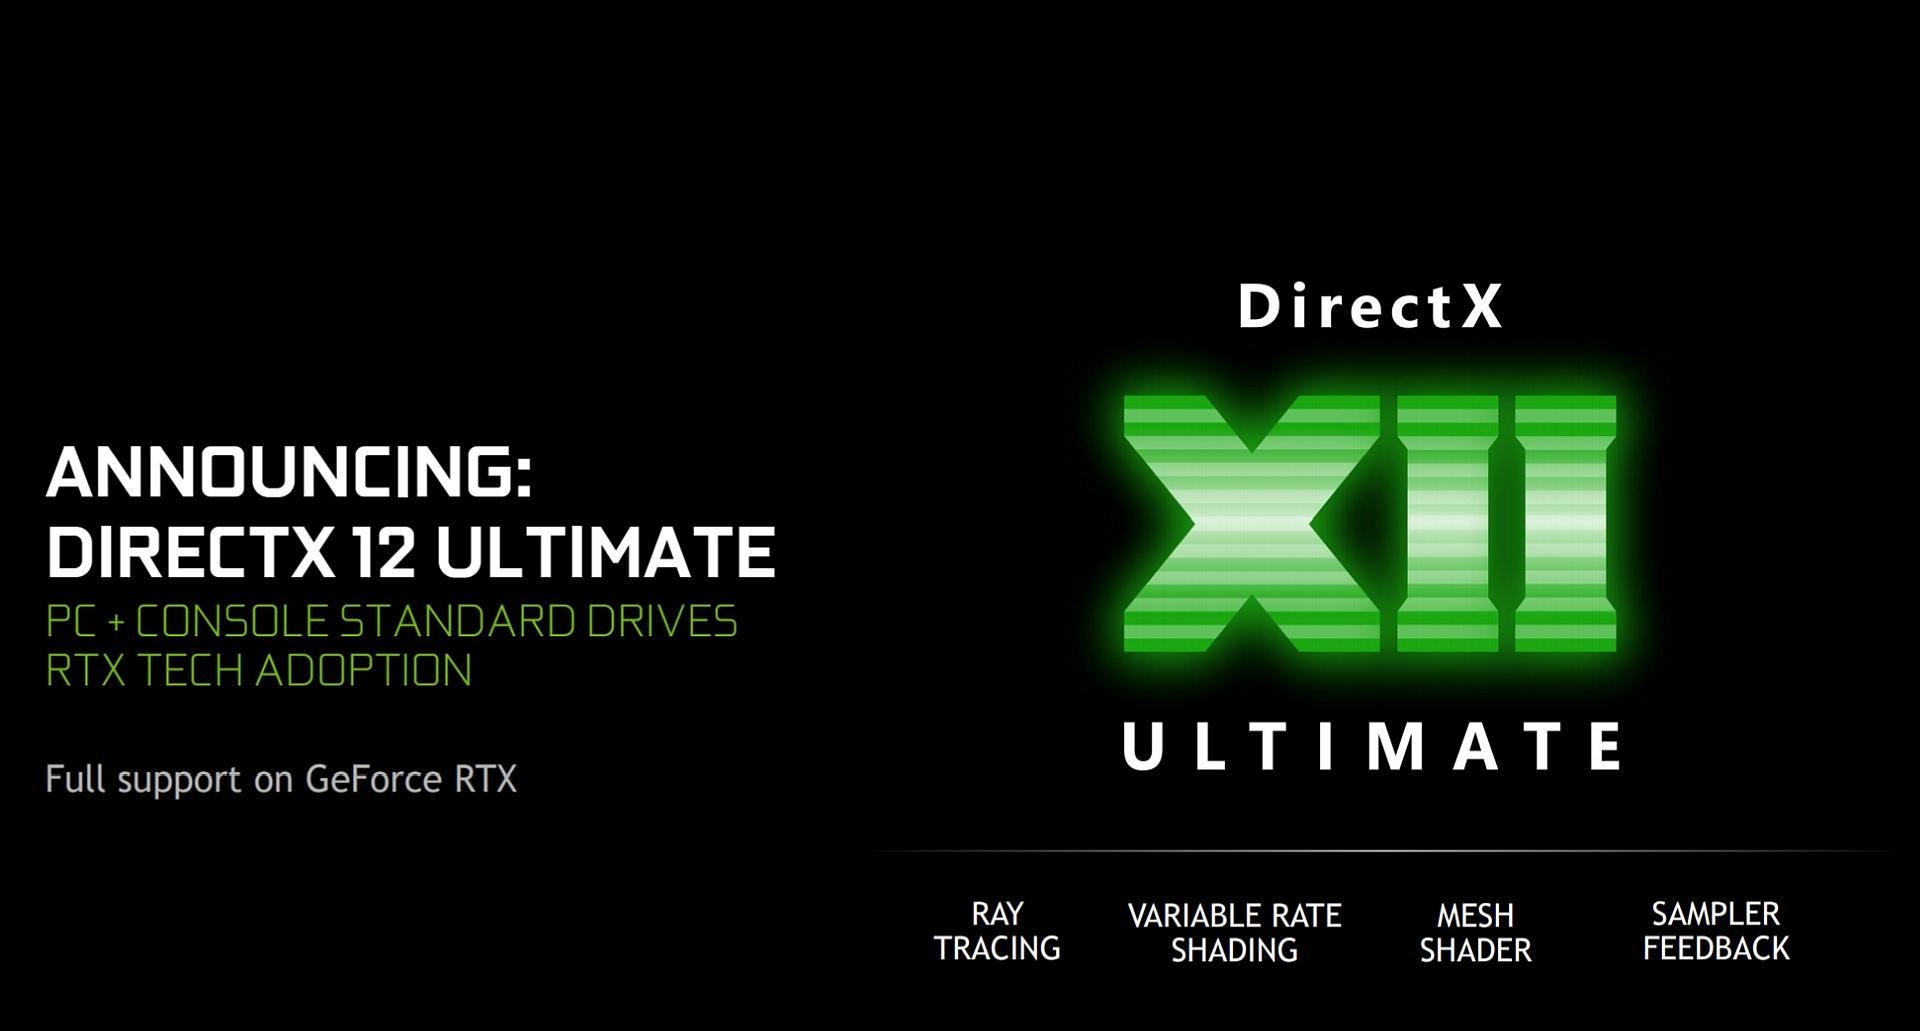 Directx 12 Ultimate Nvidia Drivers Ray Tracing Vrs Mesh Shader Sampler Feedback